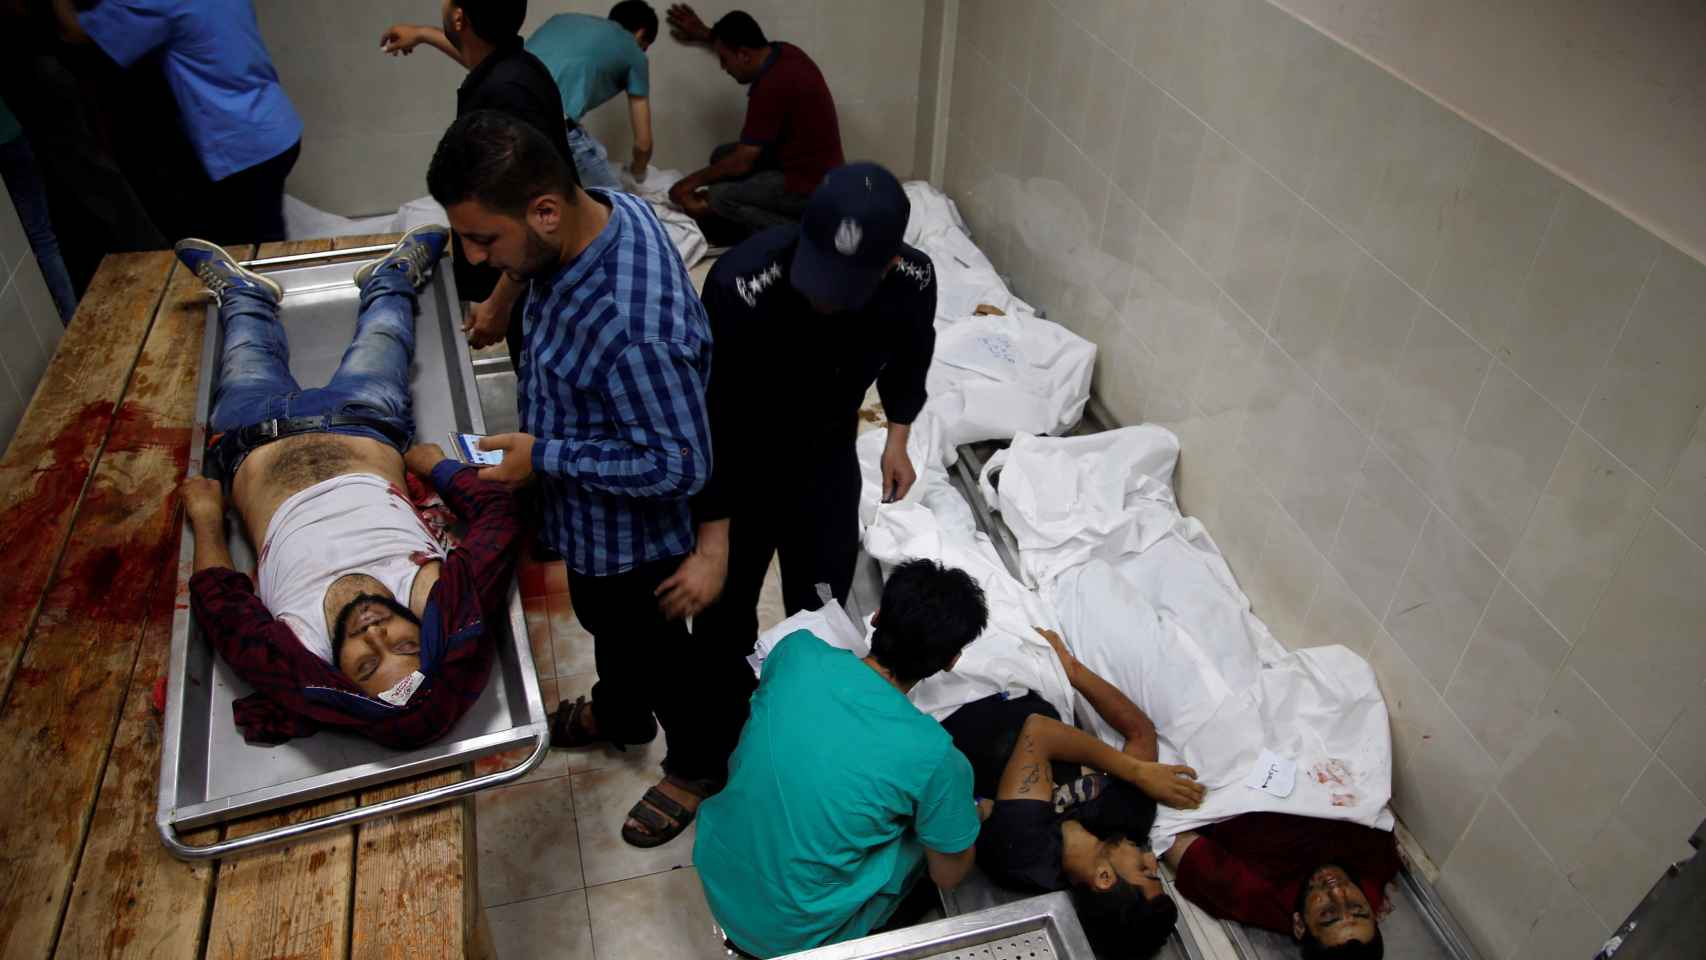 El Ejército israelí abate a tiros a al menos 37 manifestantes palestinos